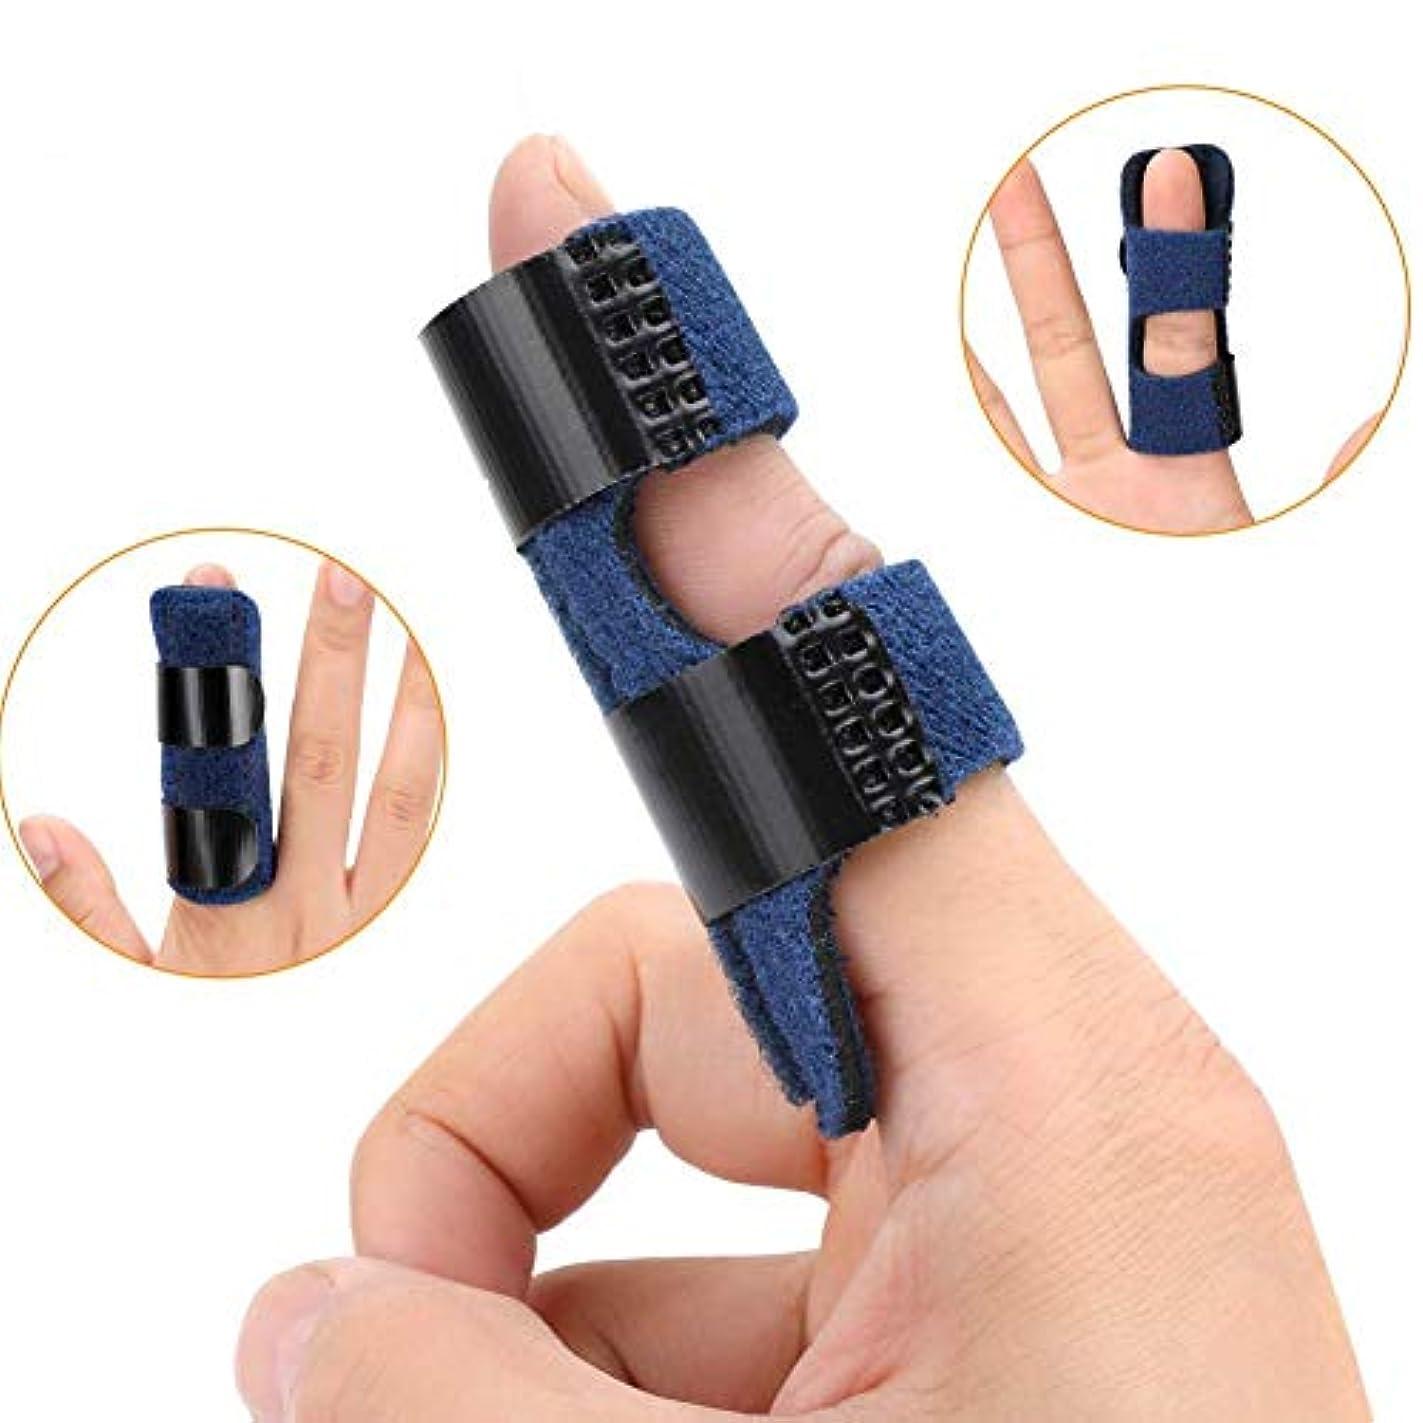 アプライアンス機械的にうがい薬全指用指袖のサポートの拡張スプリント、関節炎ばね指スプリント、指スタビライザー、指、指の骨折、腱リリース&痛みを軽減-Giftフィンガー (Color : 青)